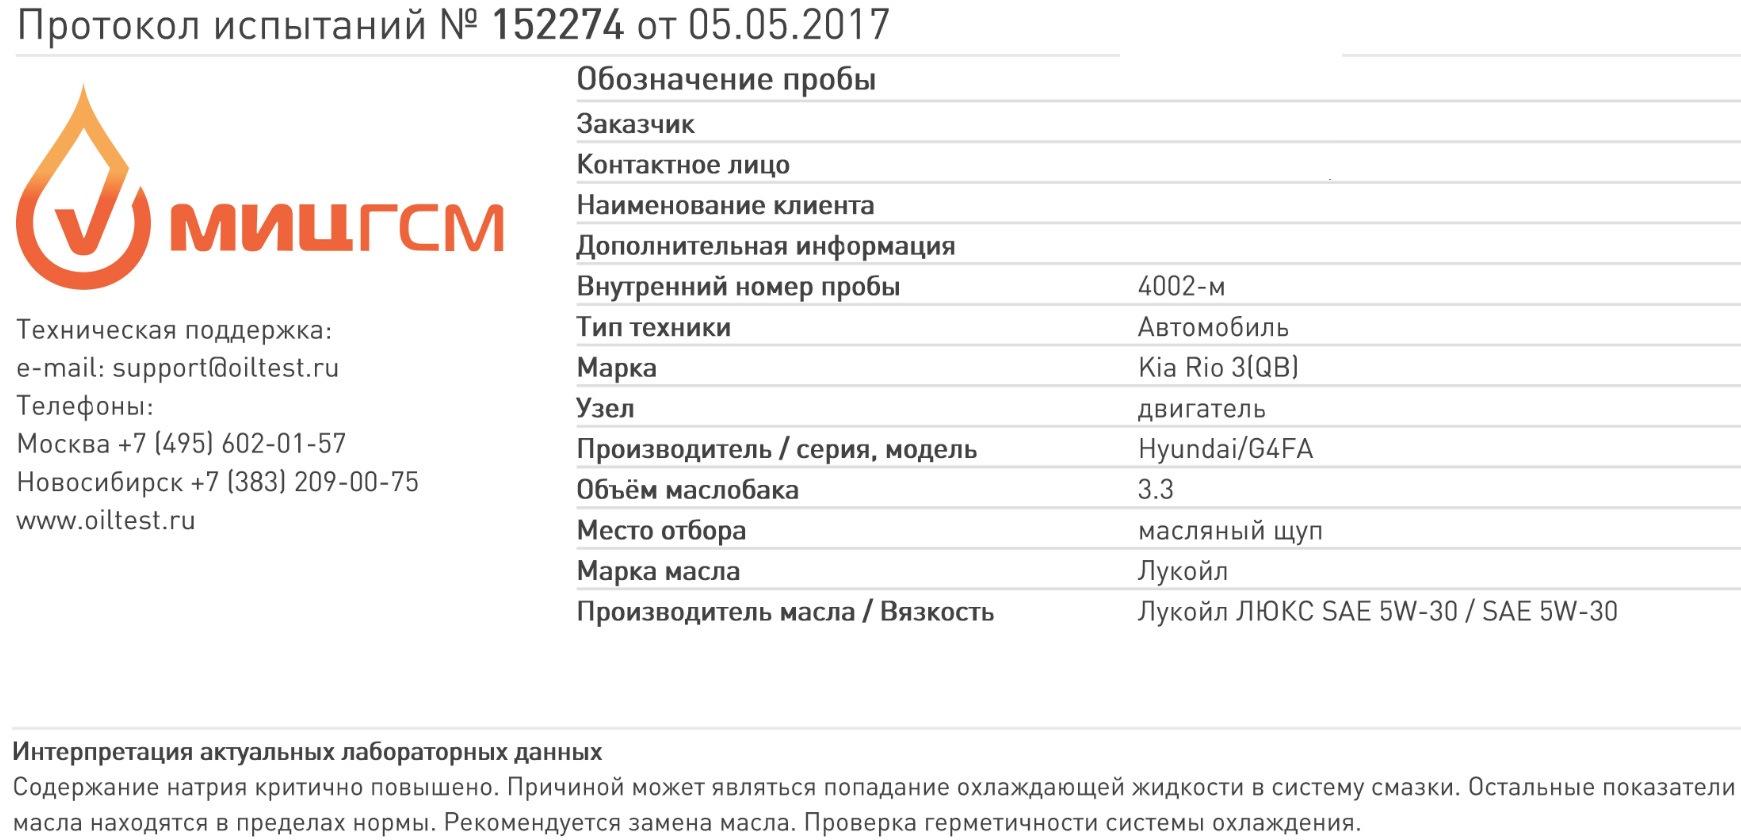 Юридическая регистрация ооо в москве